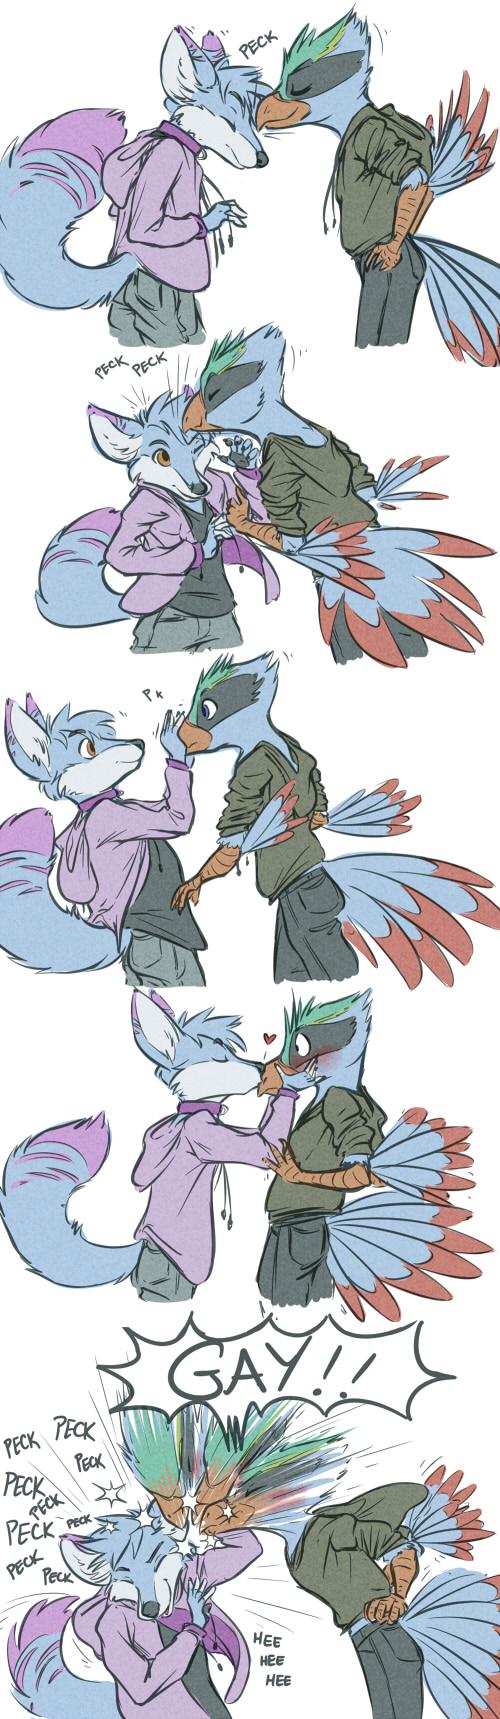 PWYW: Feathers ruffled